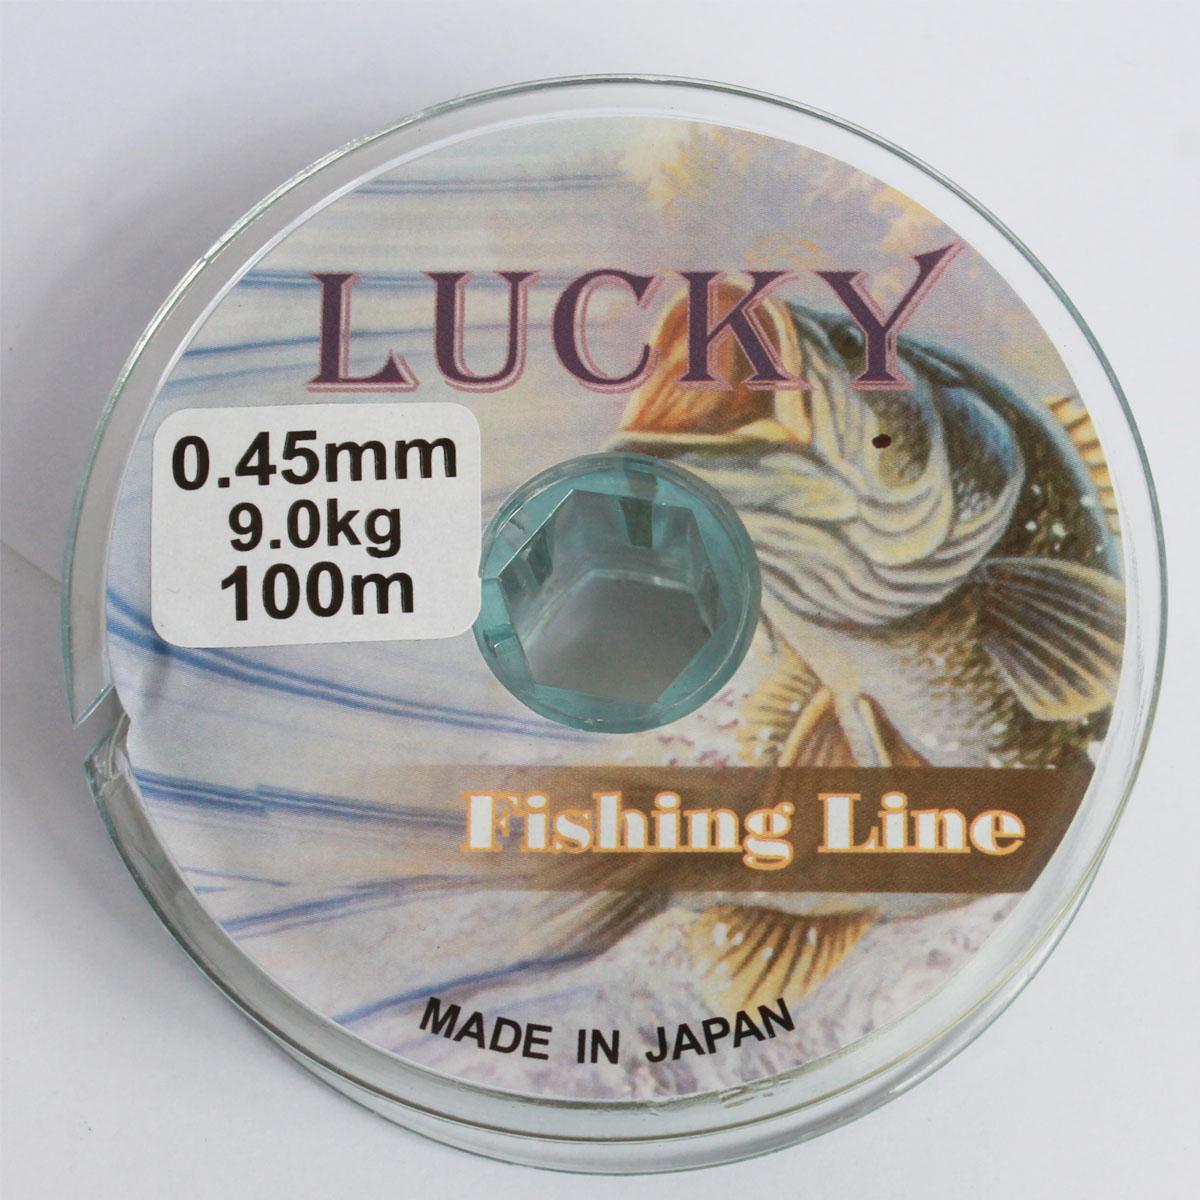 Phụ Kiện Câu Cá -Dây Câu Cá Lucky 100m